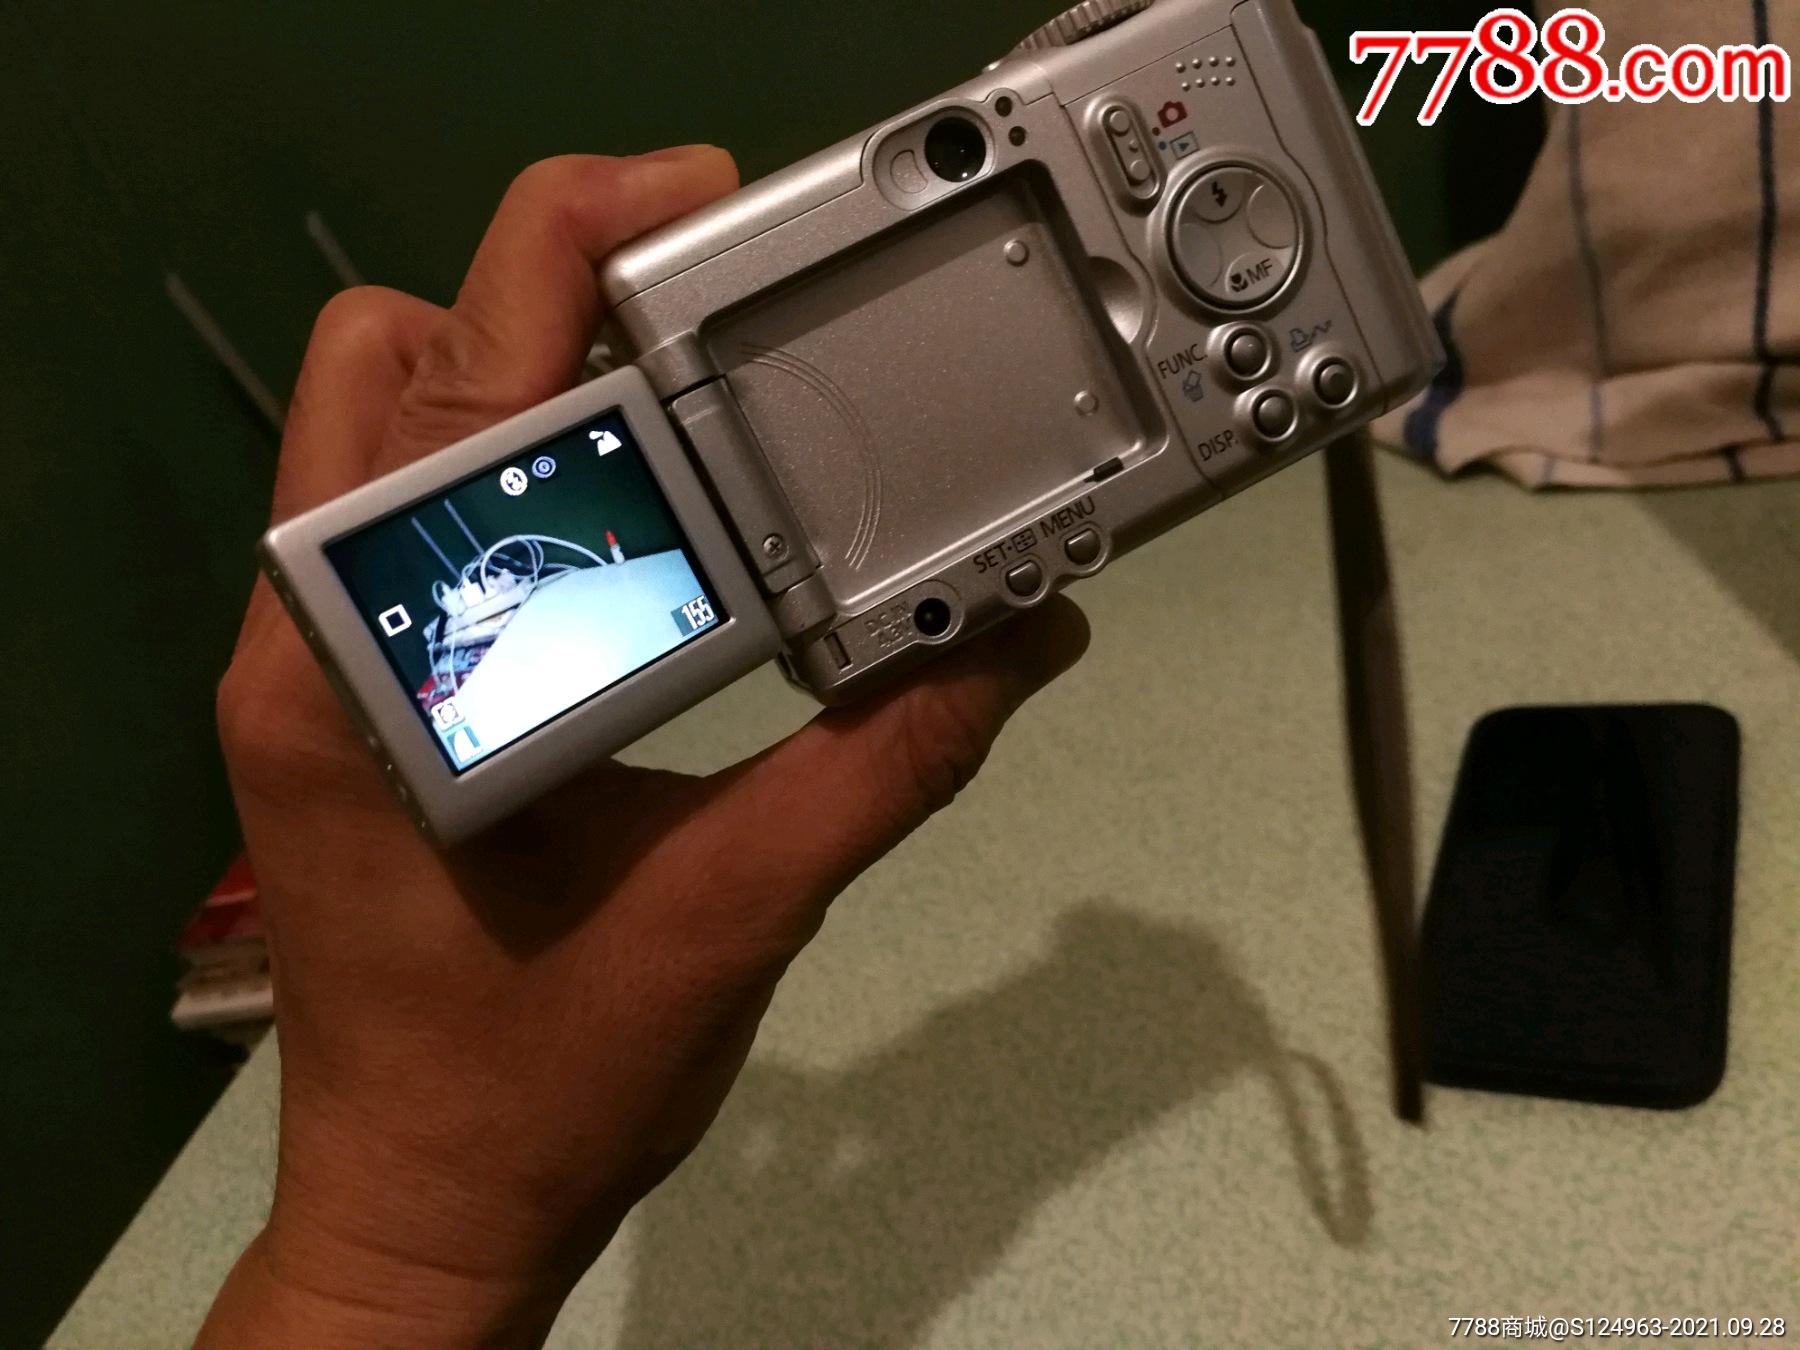 Canonp1099日本原装佳能相机_价格160元_第7张_